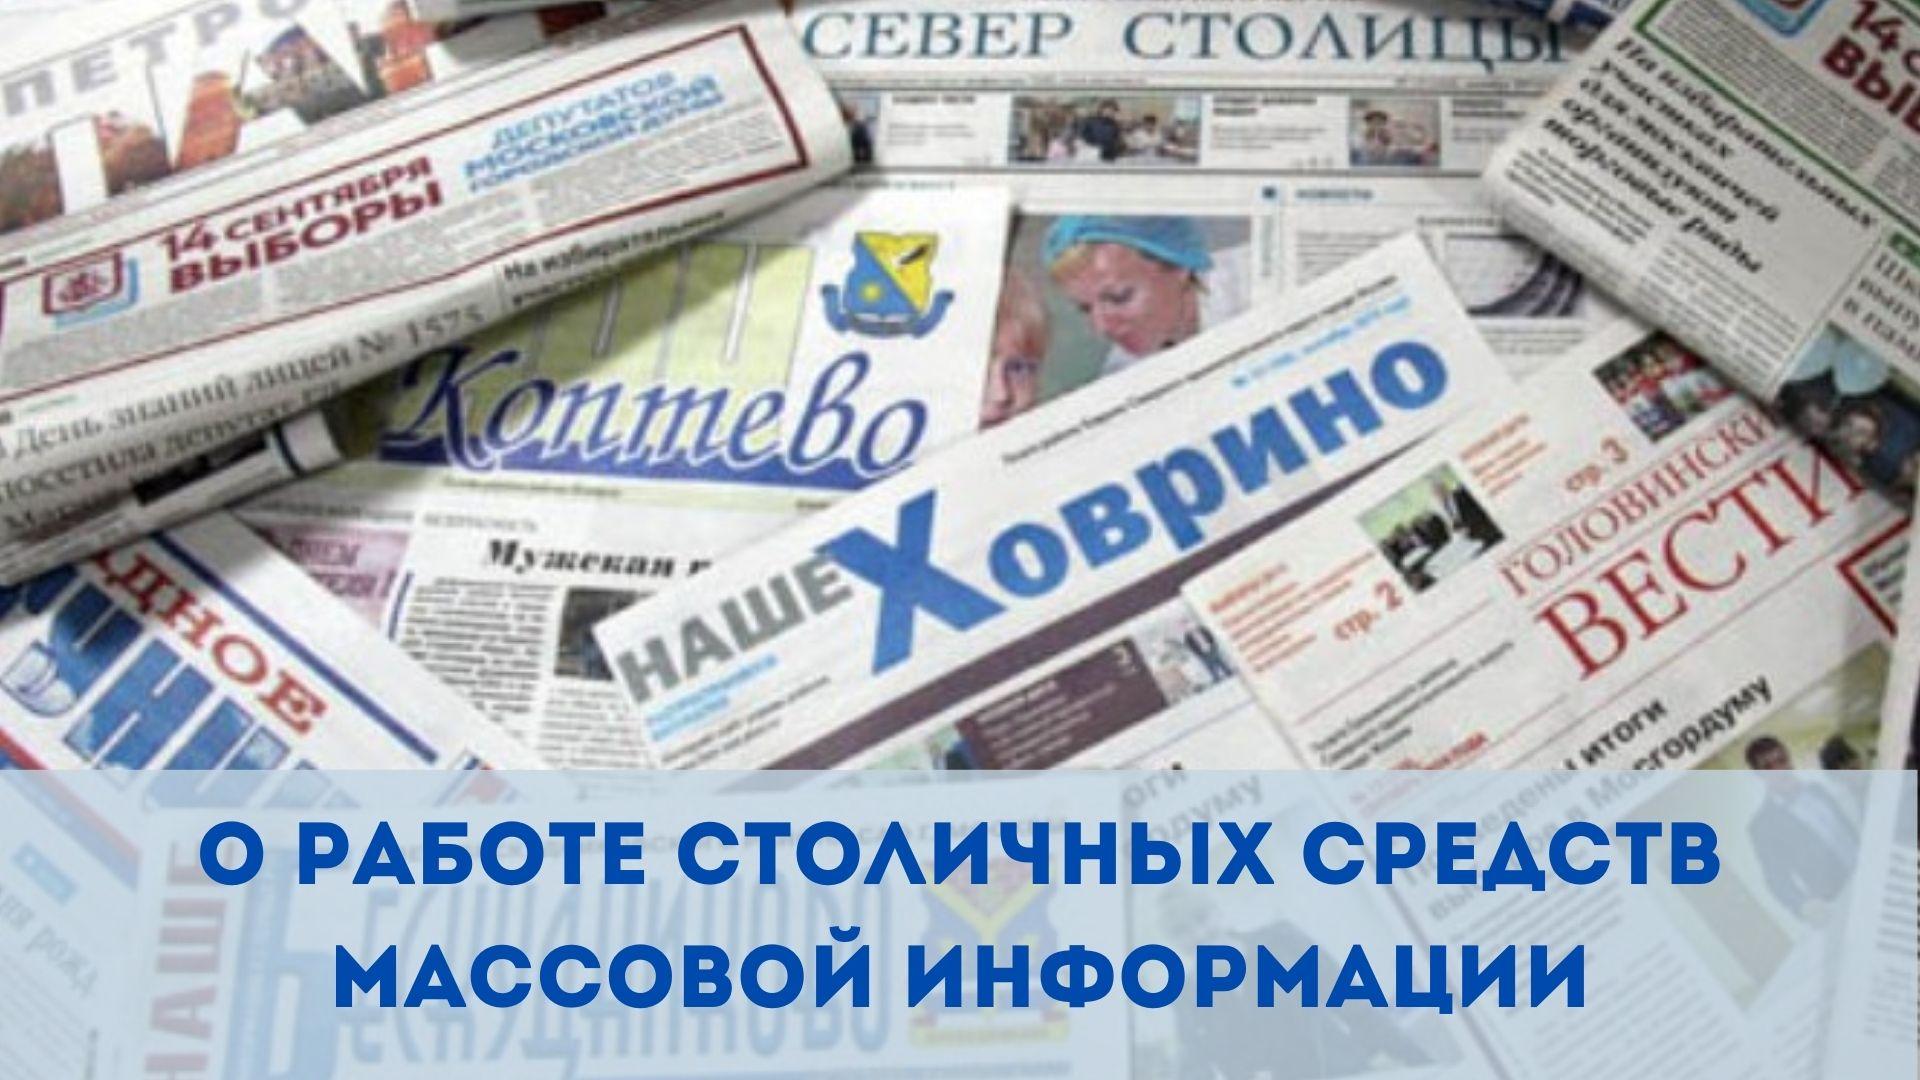 О работе СМИ города Москвы